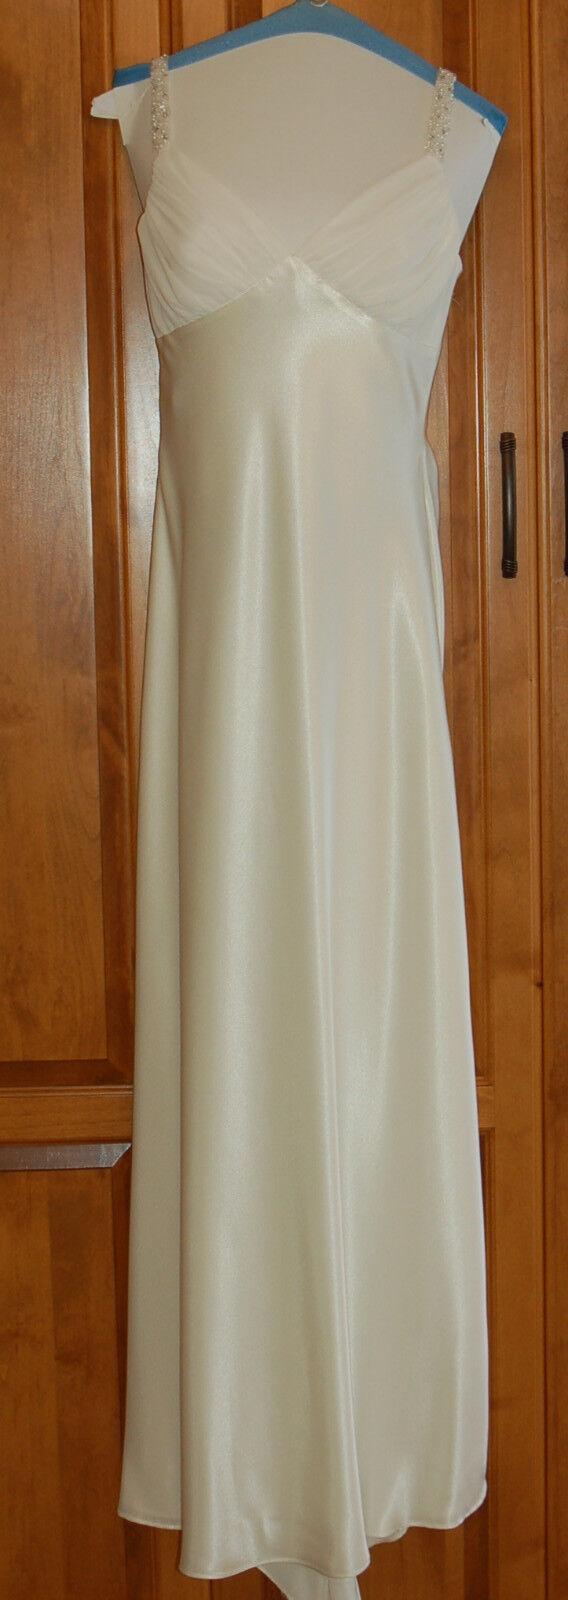 Beautiful Gown Off Weiß Größe 10